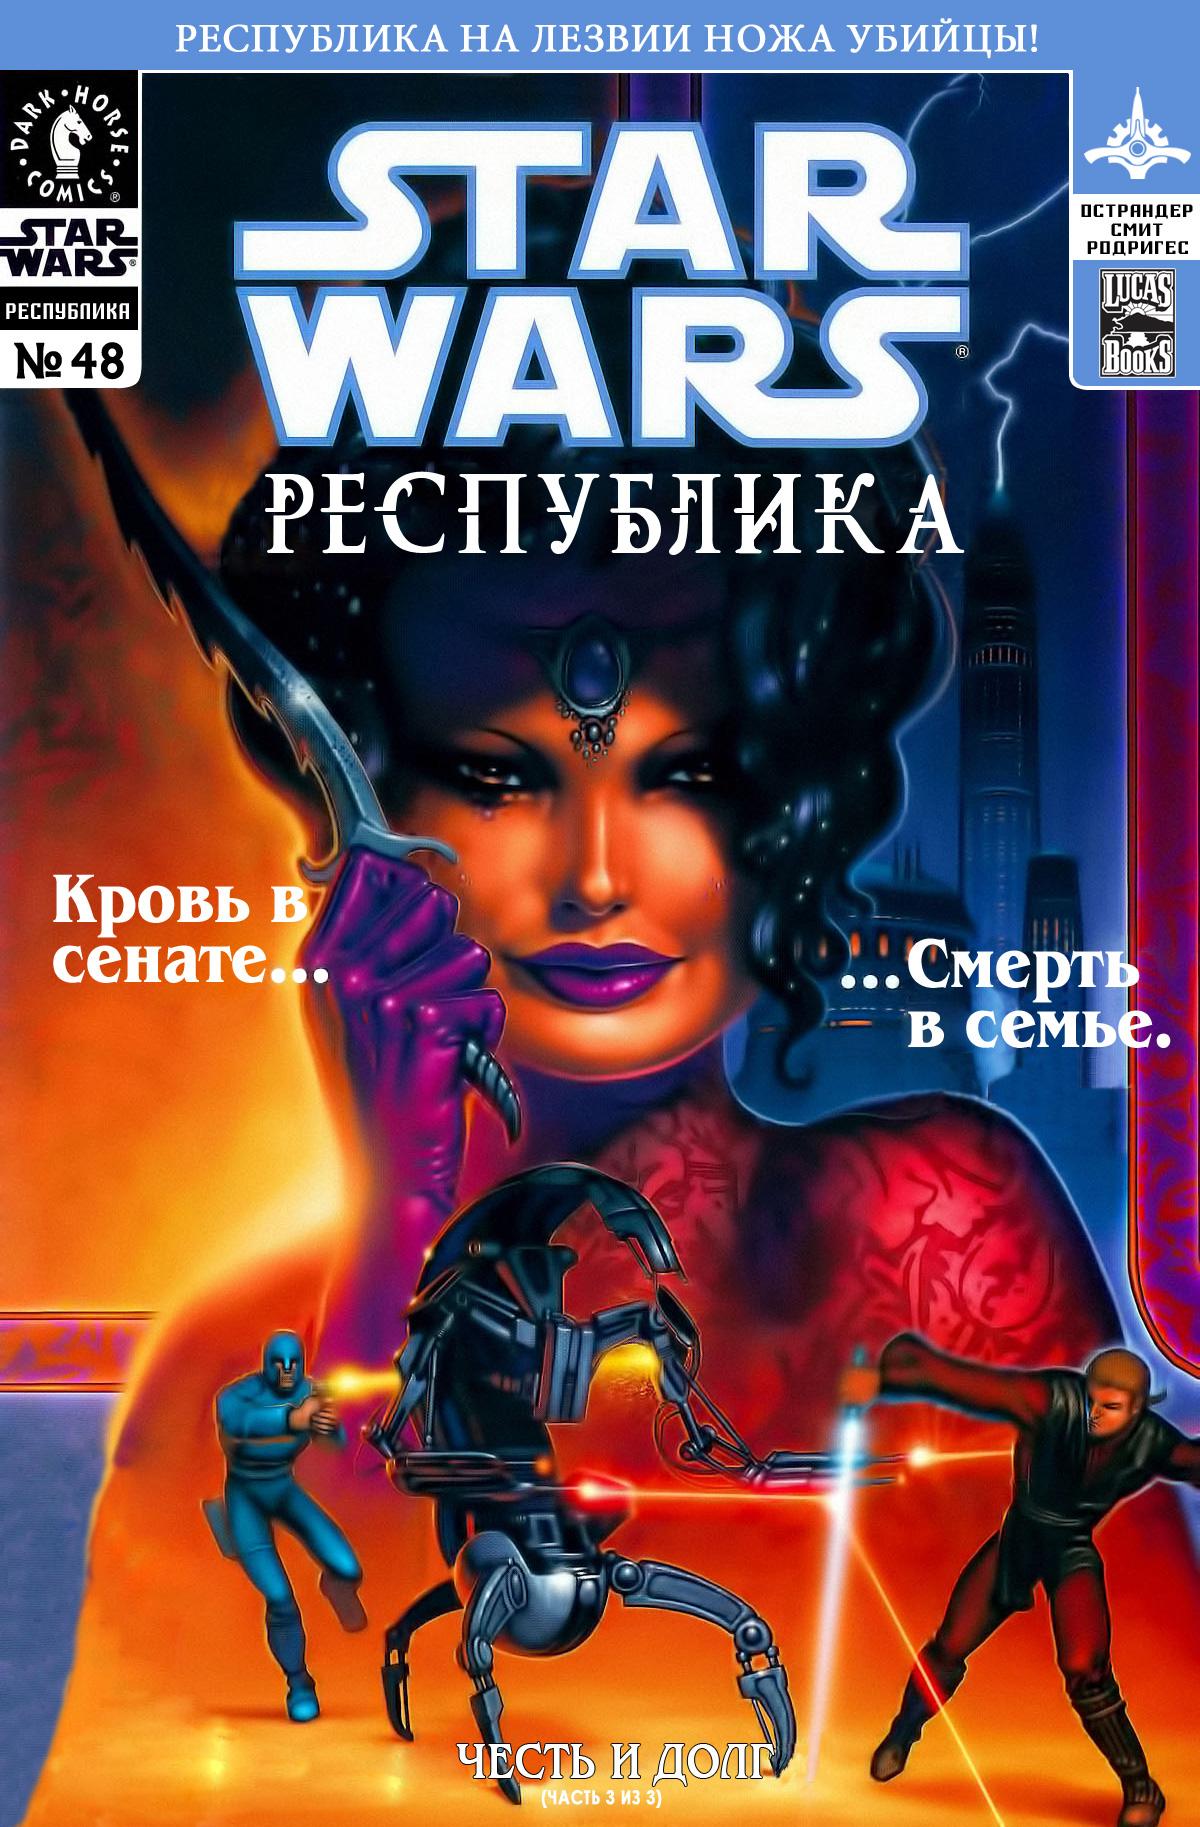 Звёздные войны. Республика 48: Честь и долг, часть 3